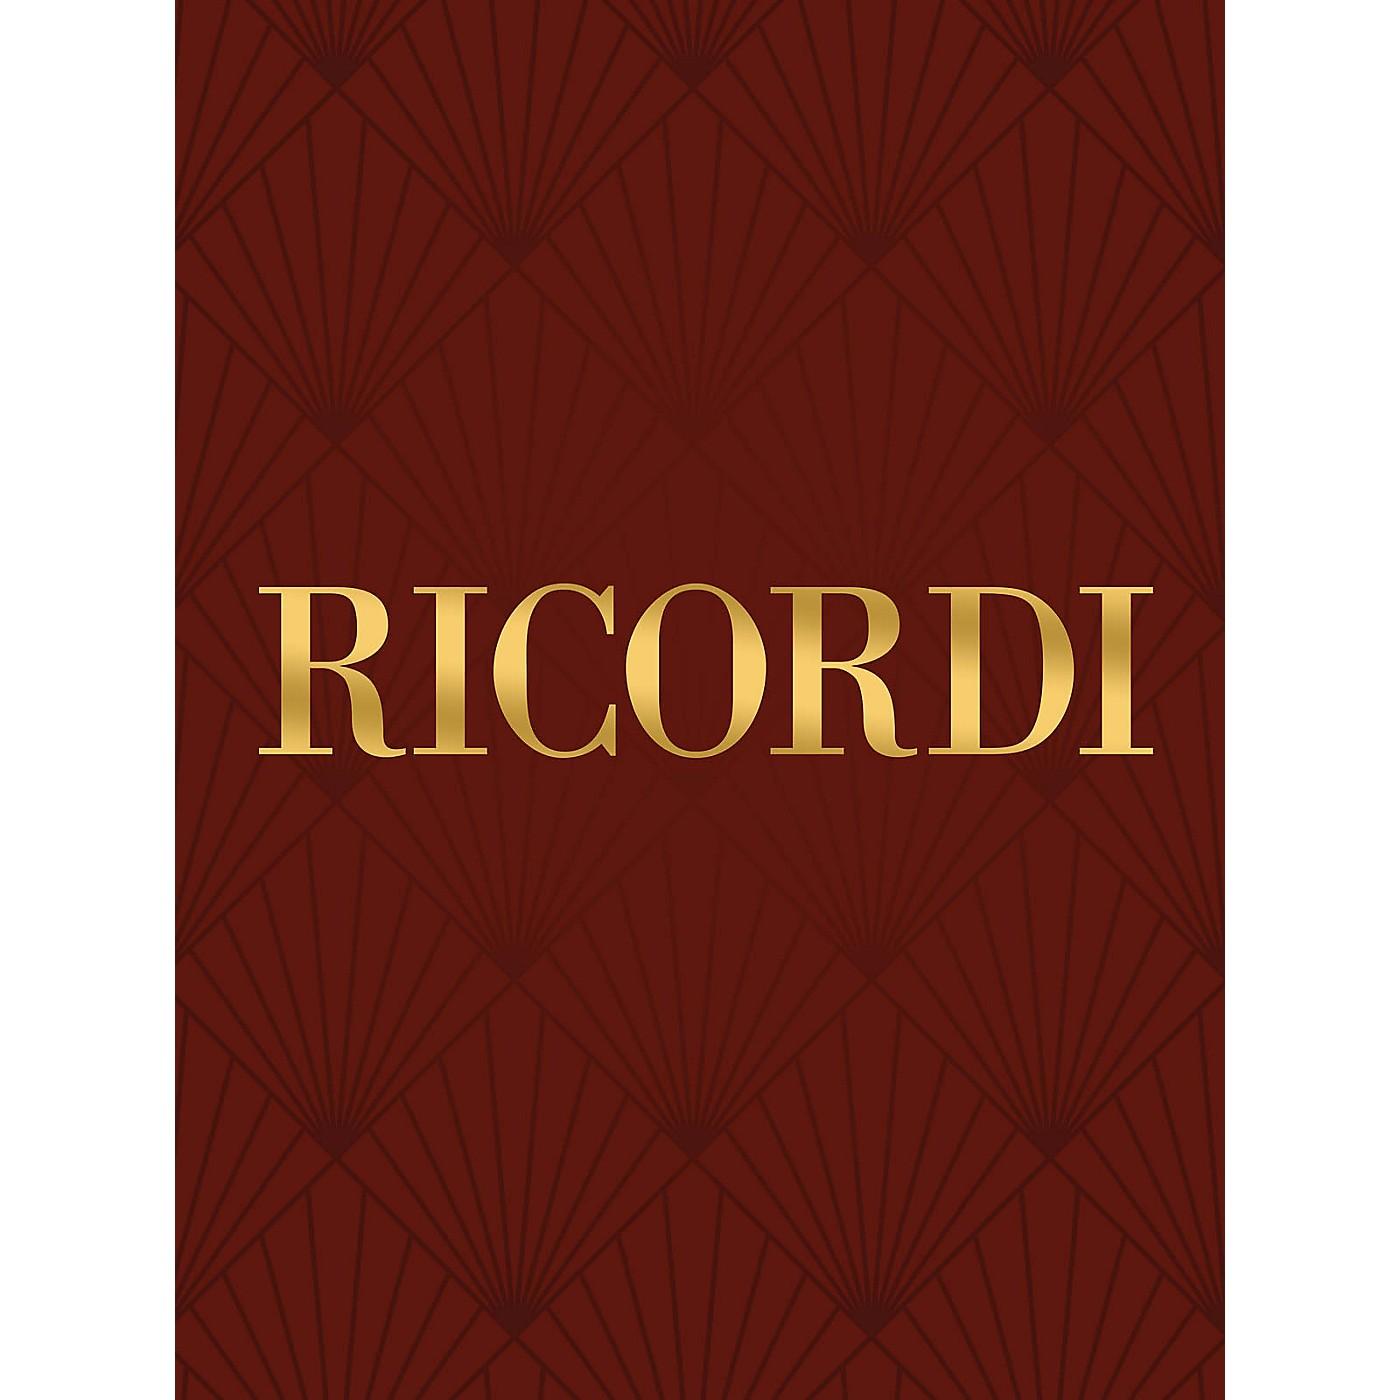 Ricordi Gloria RV589 (Vocal Score) SATB Composed by Antonio Vivaldi Edited by Francesco Bellezza thumbnail